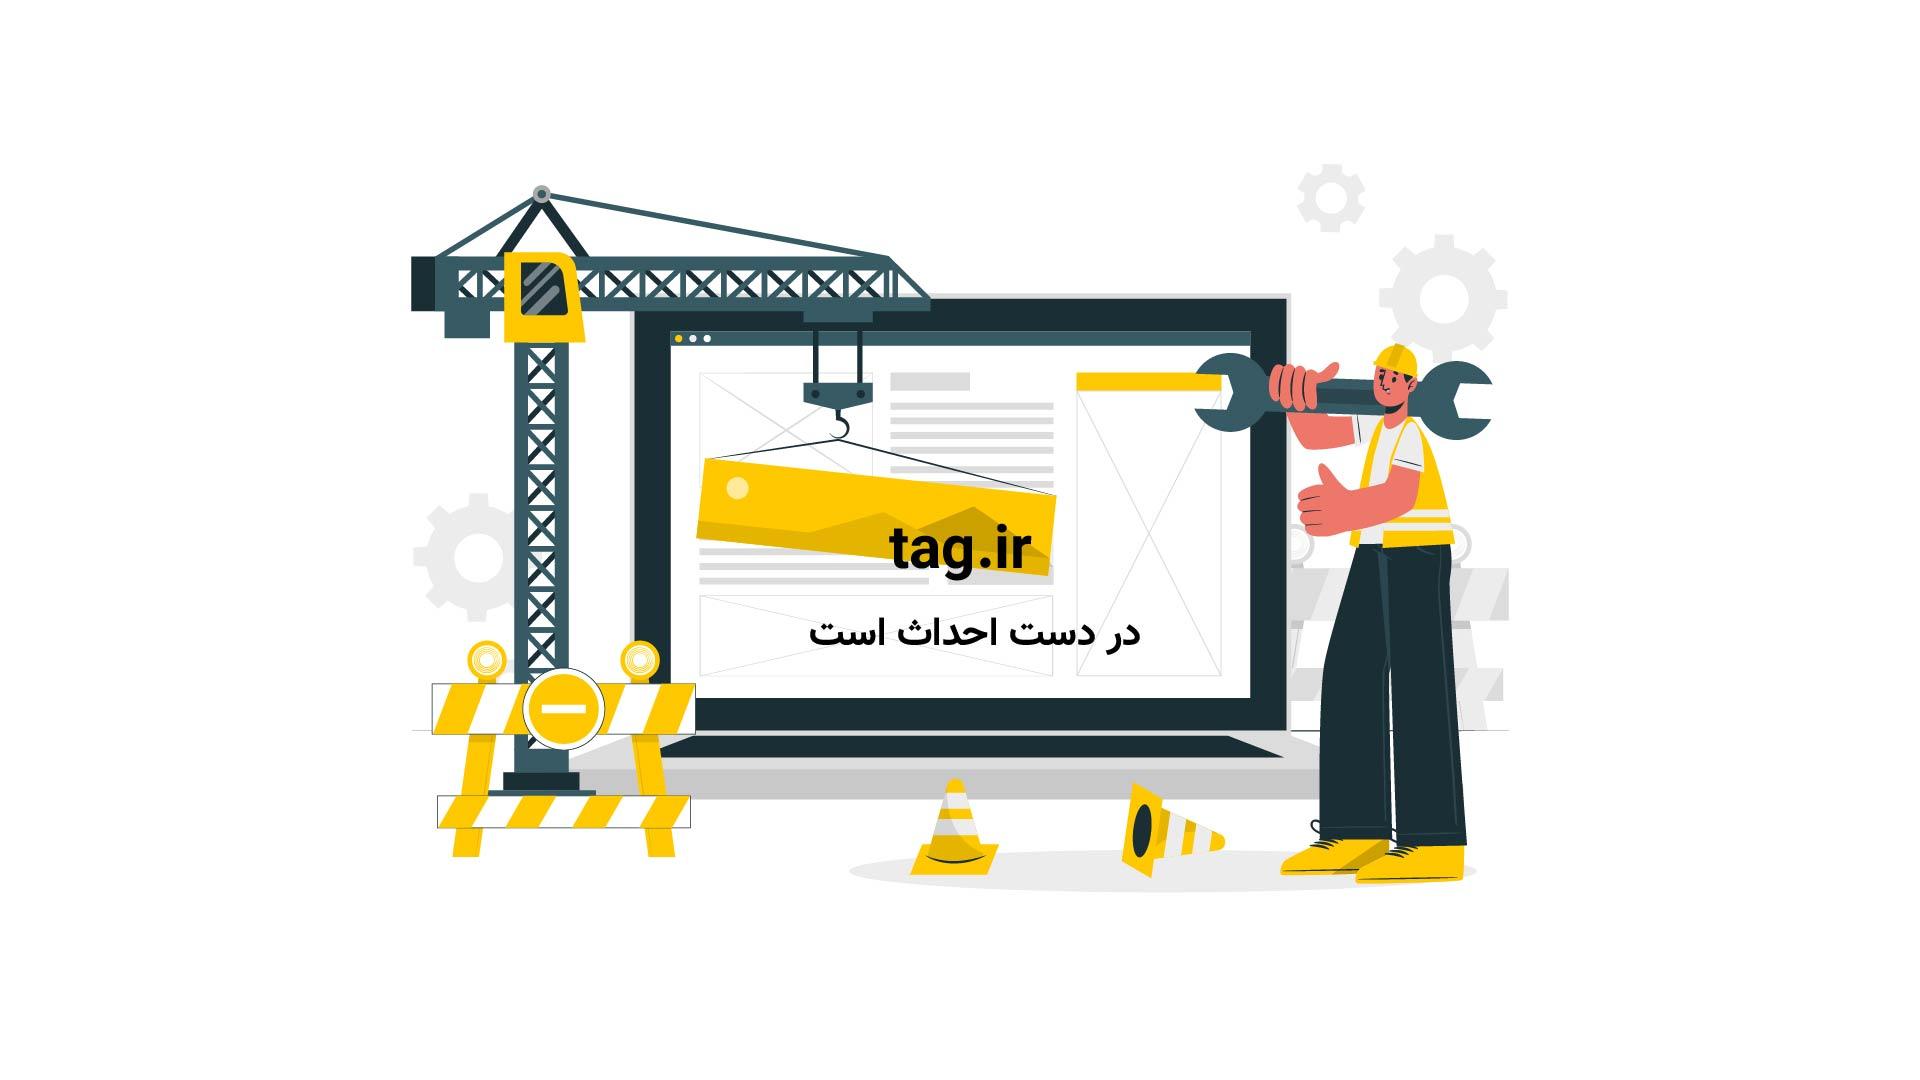 آموزش کشیدن چشم | تگ